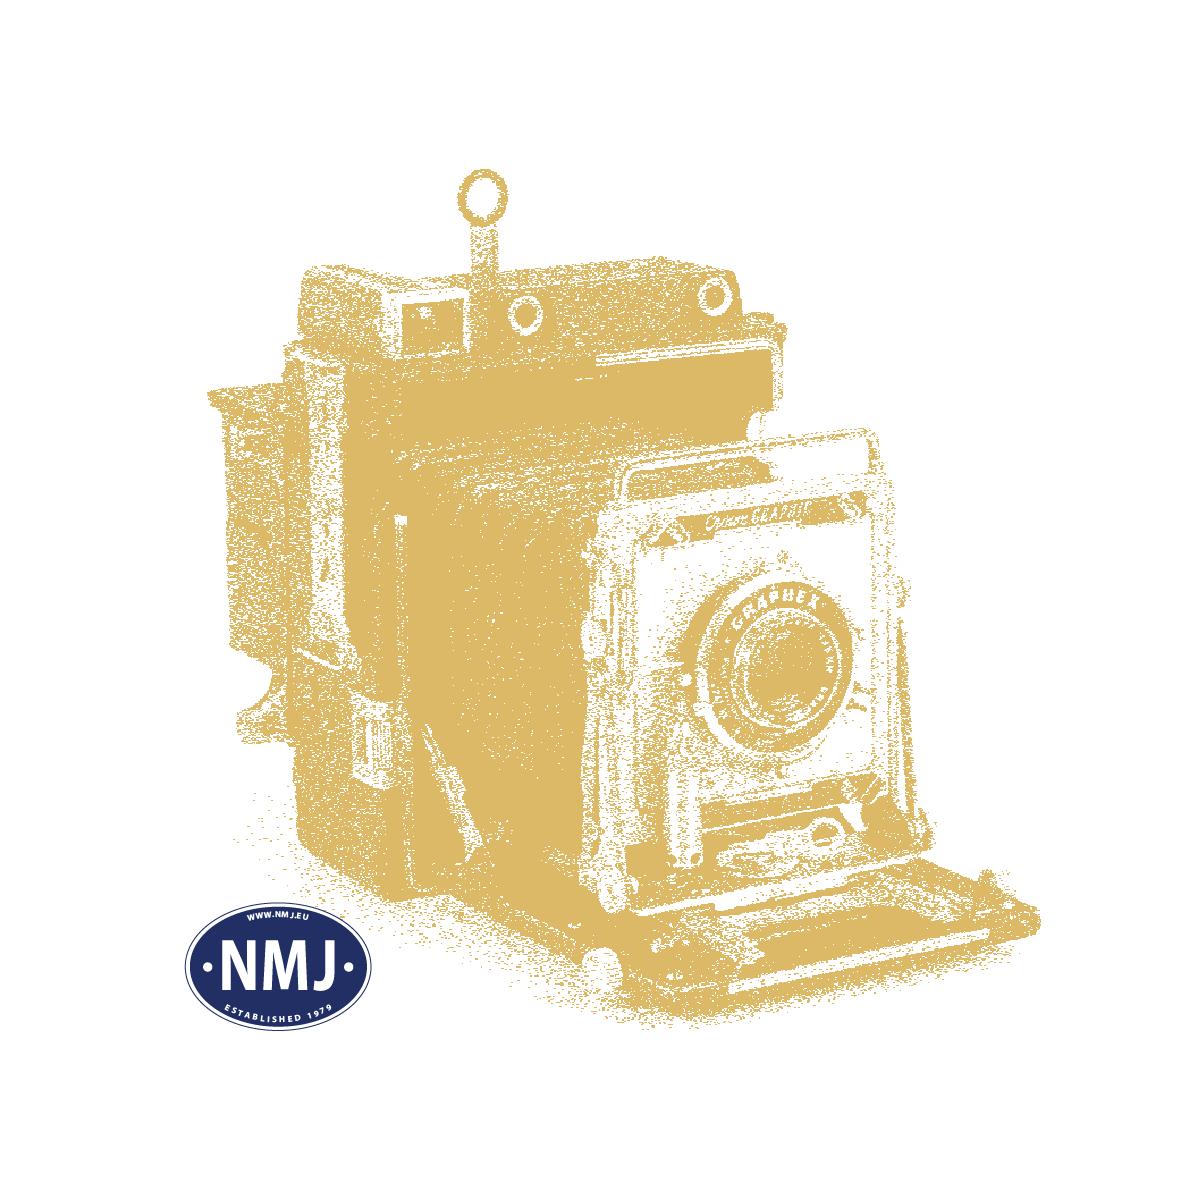 ART10303 - Nettinggjerde, Fotoets